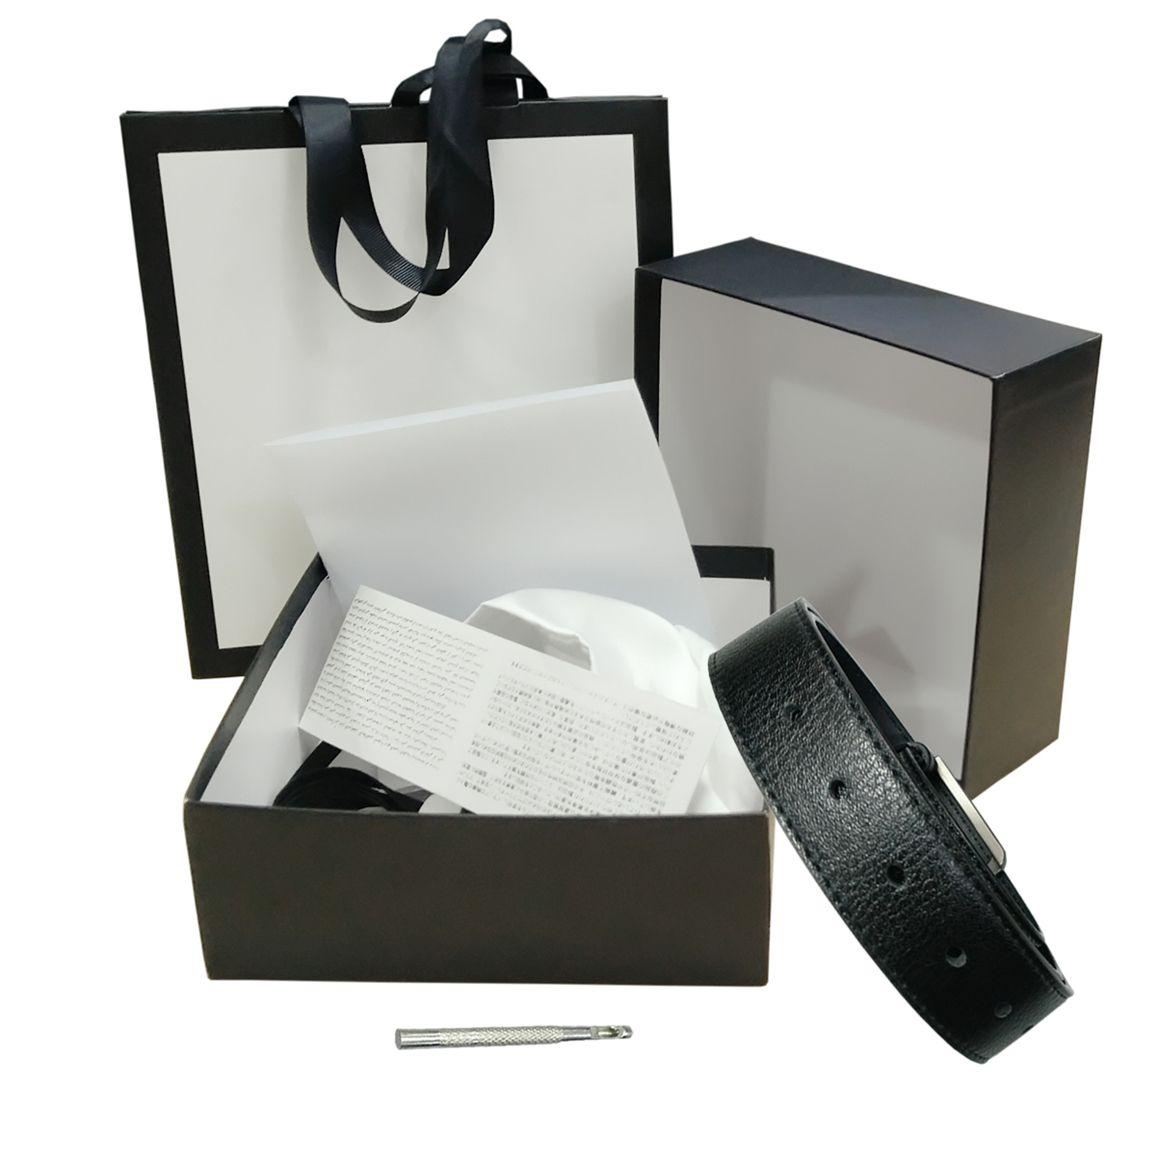 벨트 여자 남성 벨트 블랙 정품 가죽 골드 화이트 박스 화이트 먼지 가방 화이트 선물 가방 블랙 카드 (64) 8512와 버클 부드러운